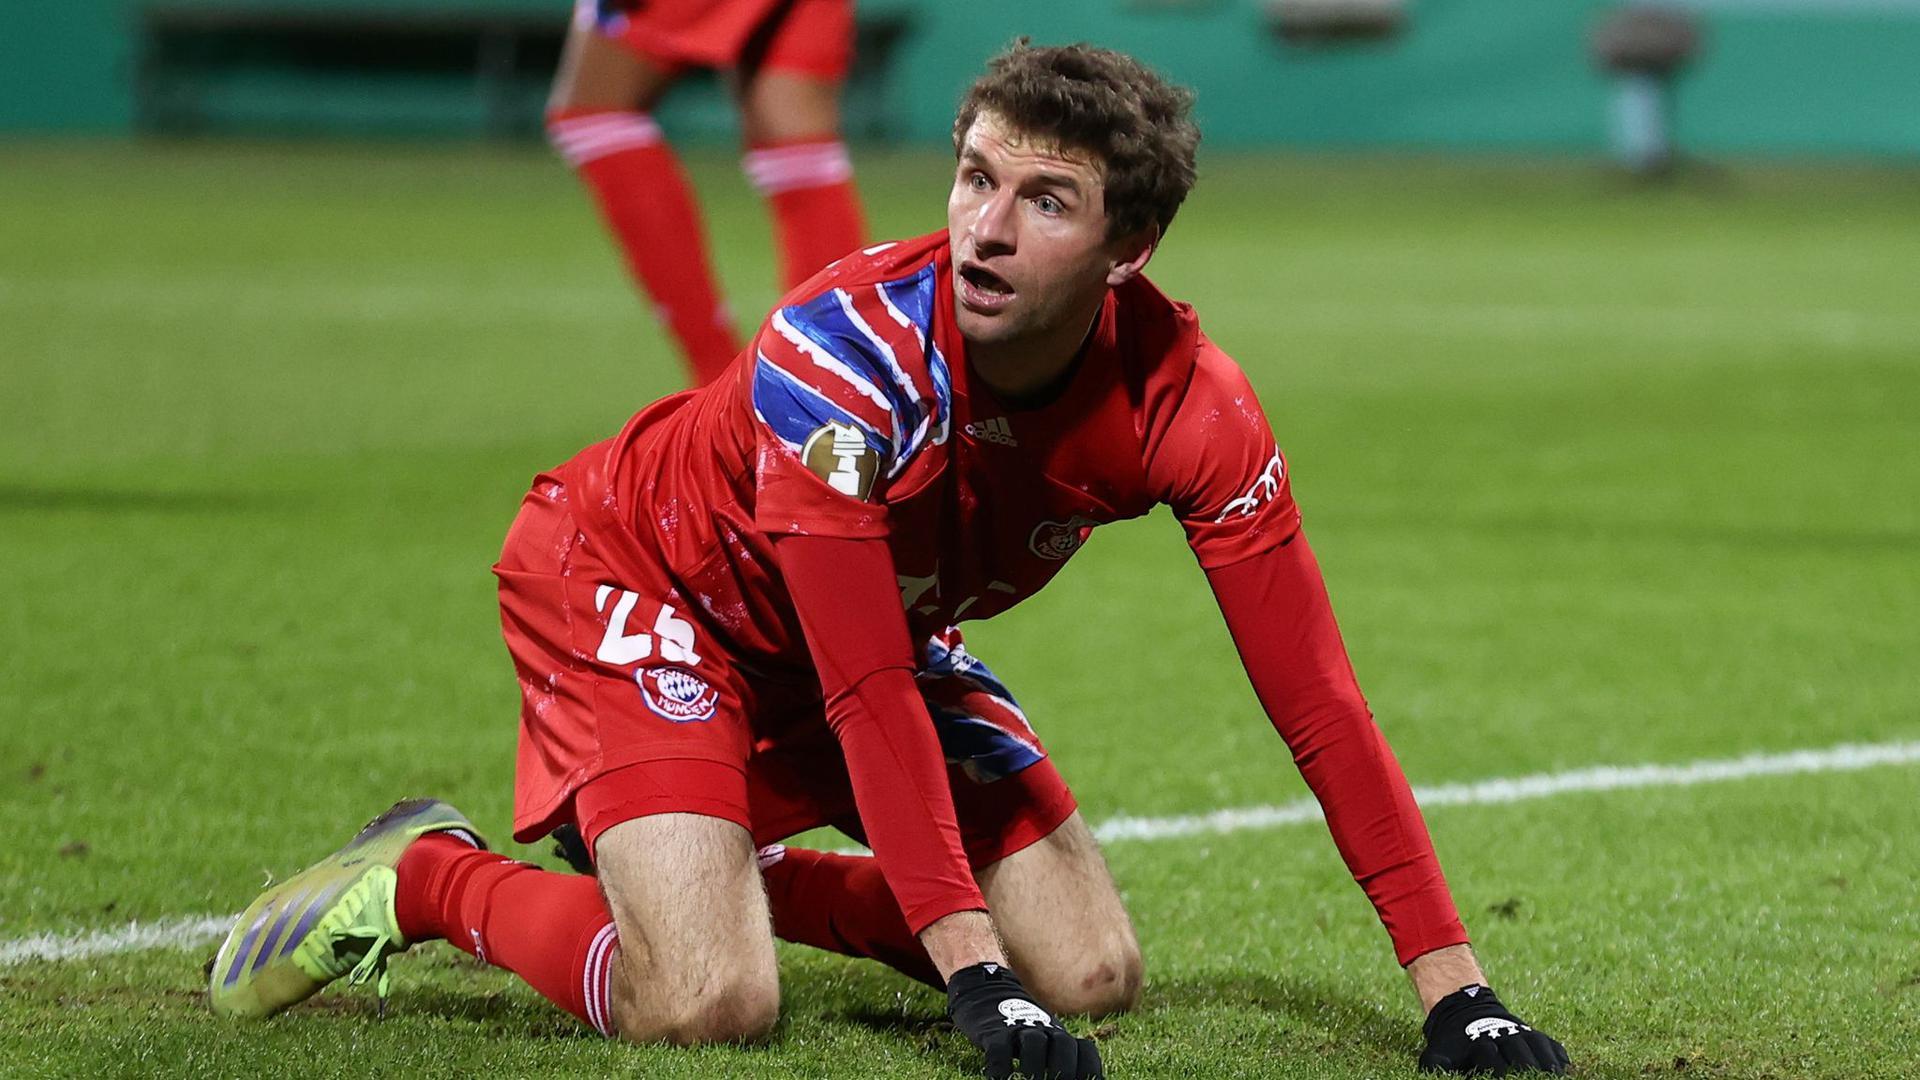 Bayern Münchens Thomas Müller steht angesichts des frühen Ausscheidens aus dem DFB-Pokal die Fassungslosigkeit ins Gesicht geschrieben.